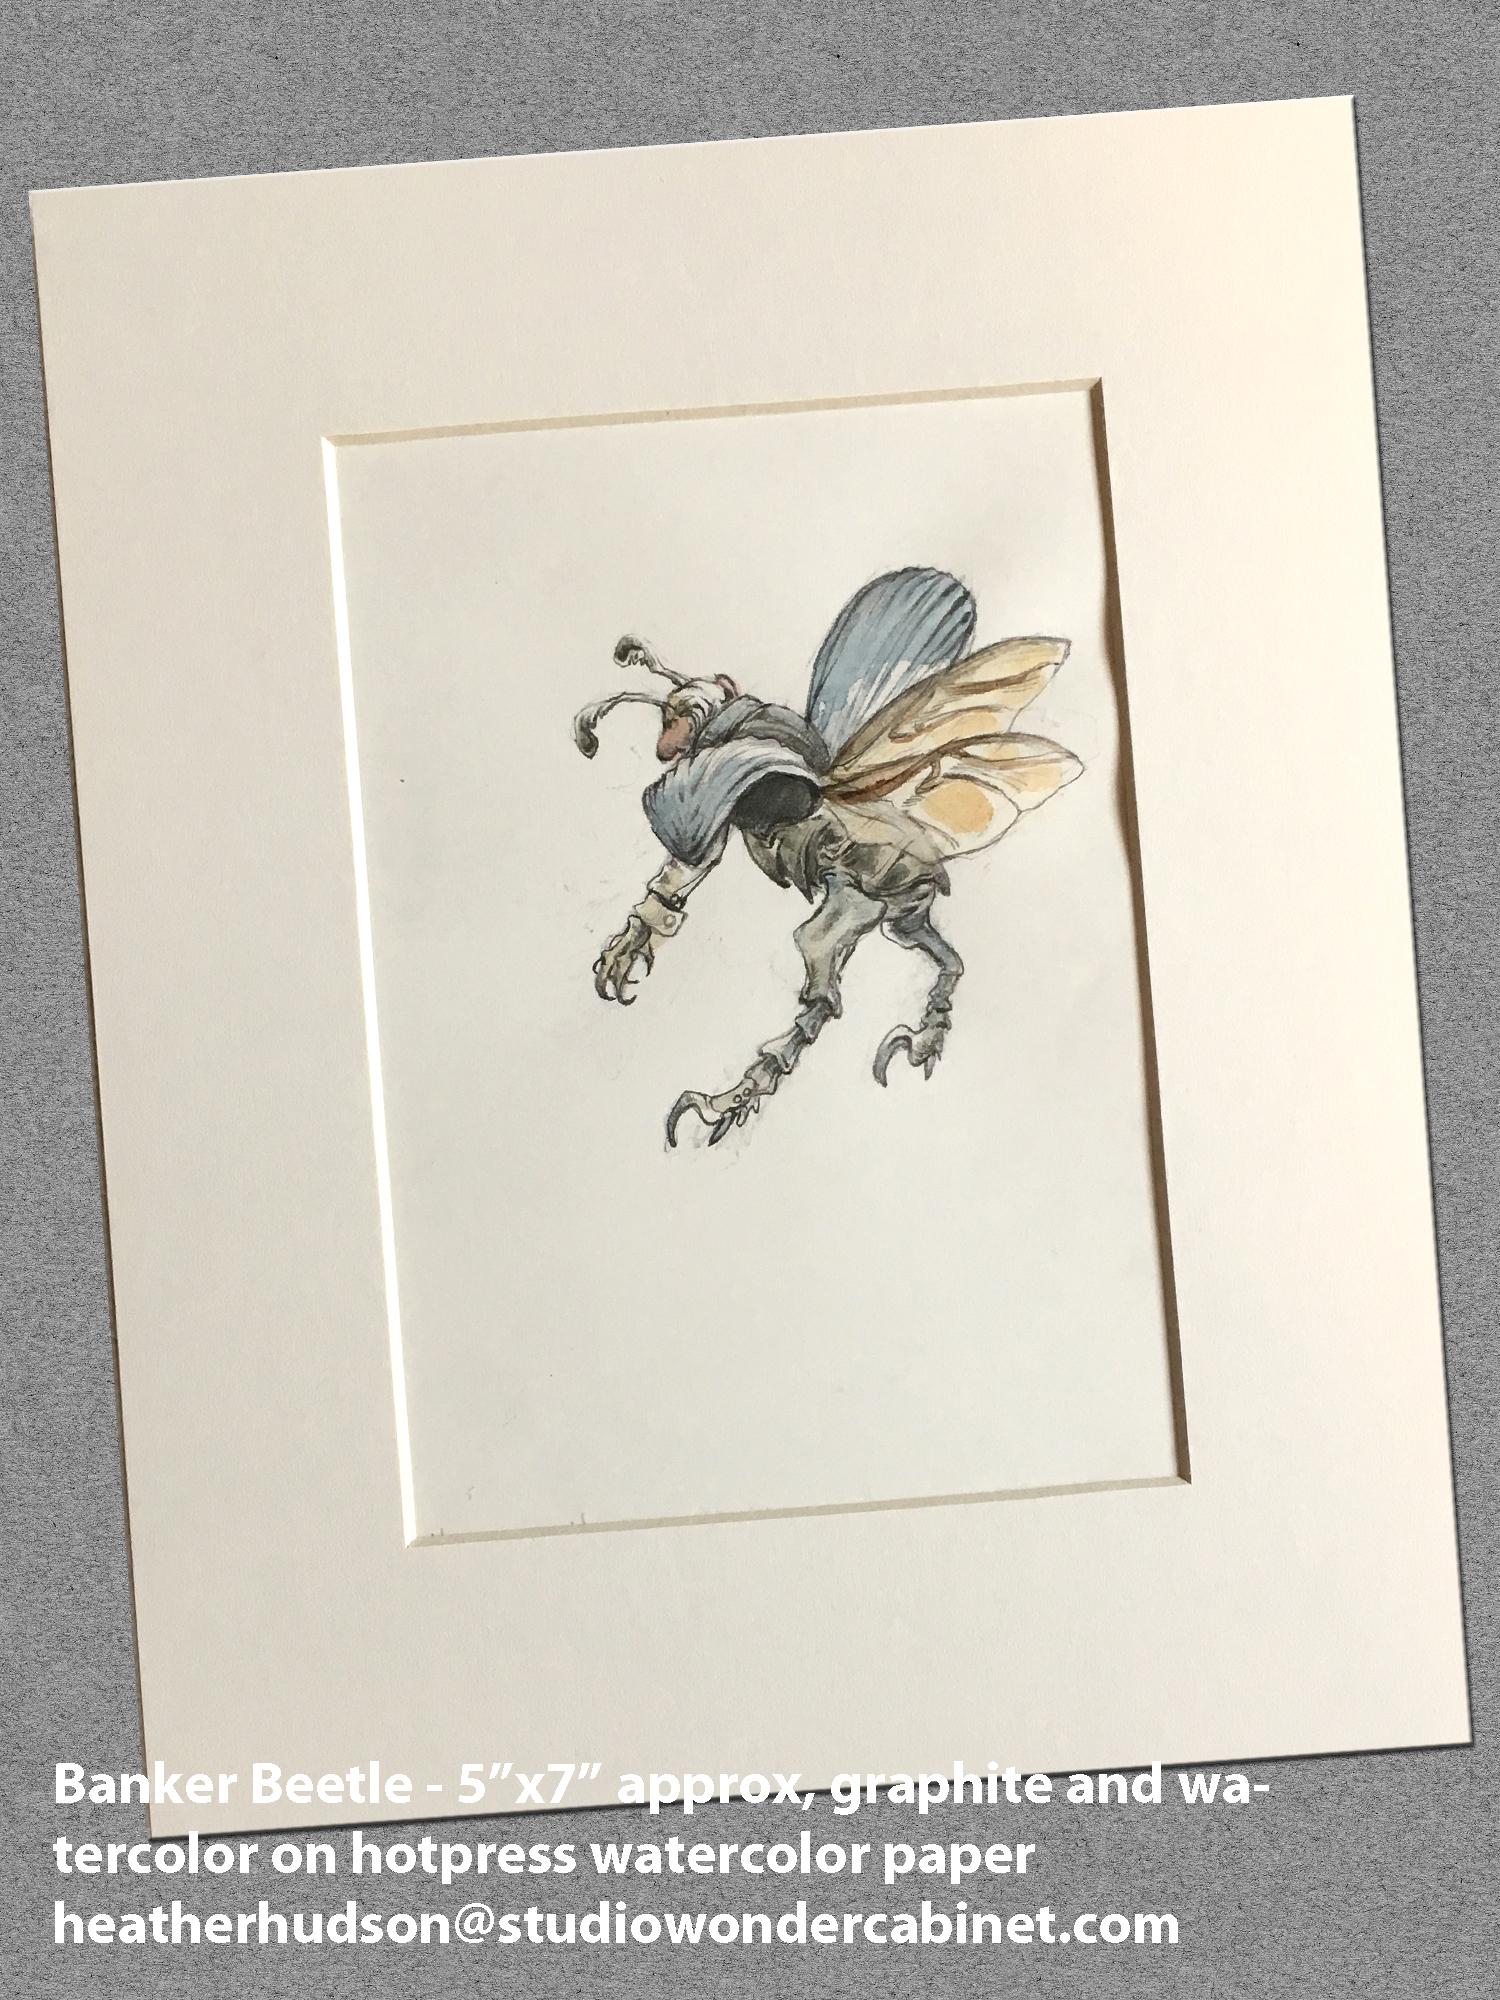 Banker Beetle